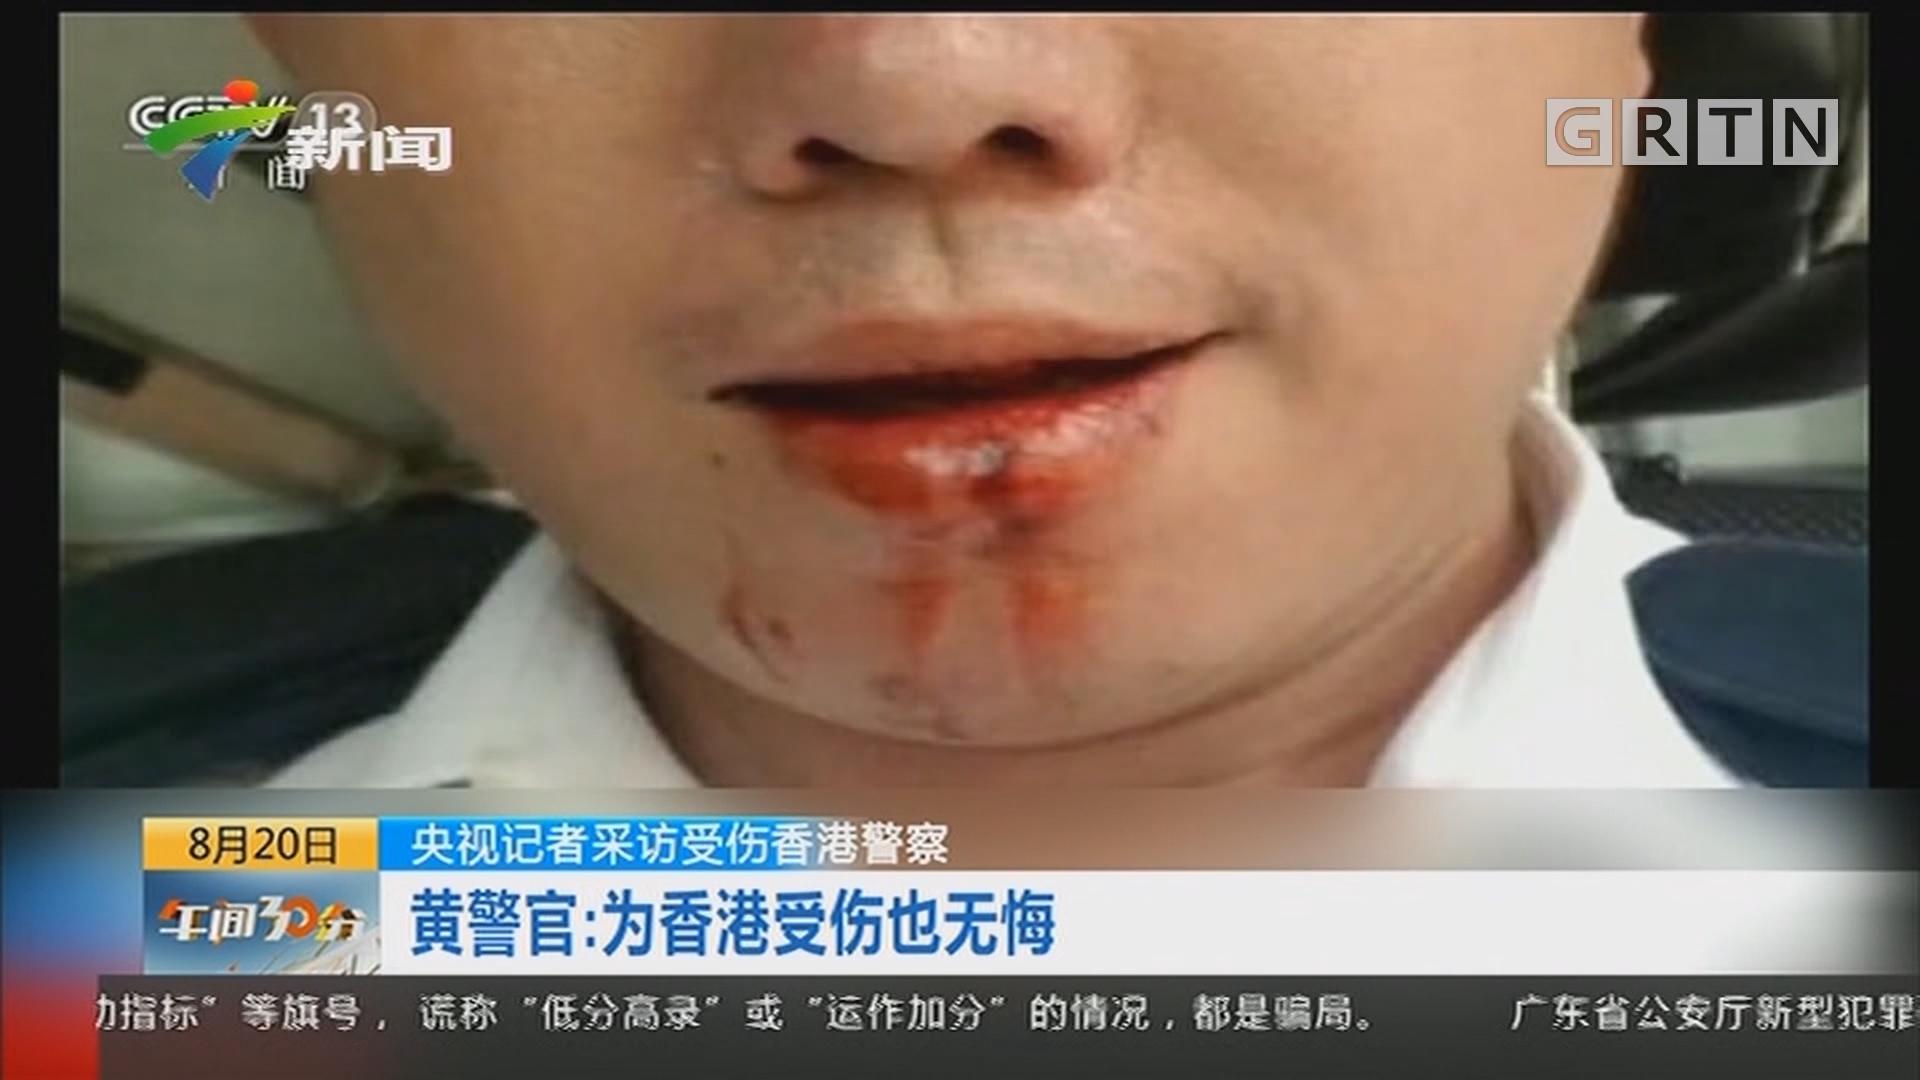 央视记者采访受伤香港警察 黄警官:为香港受伤也无悔